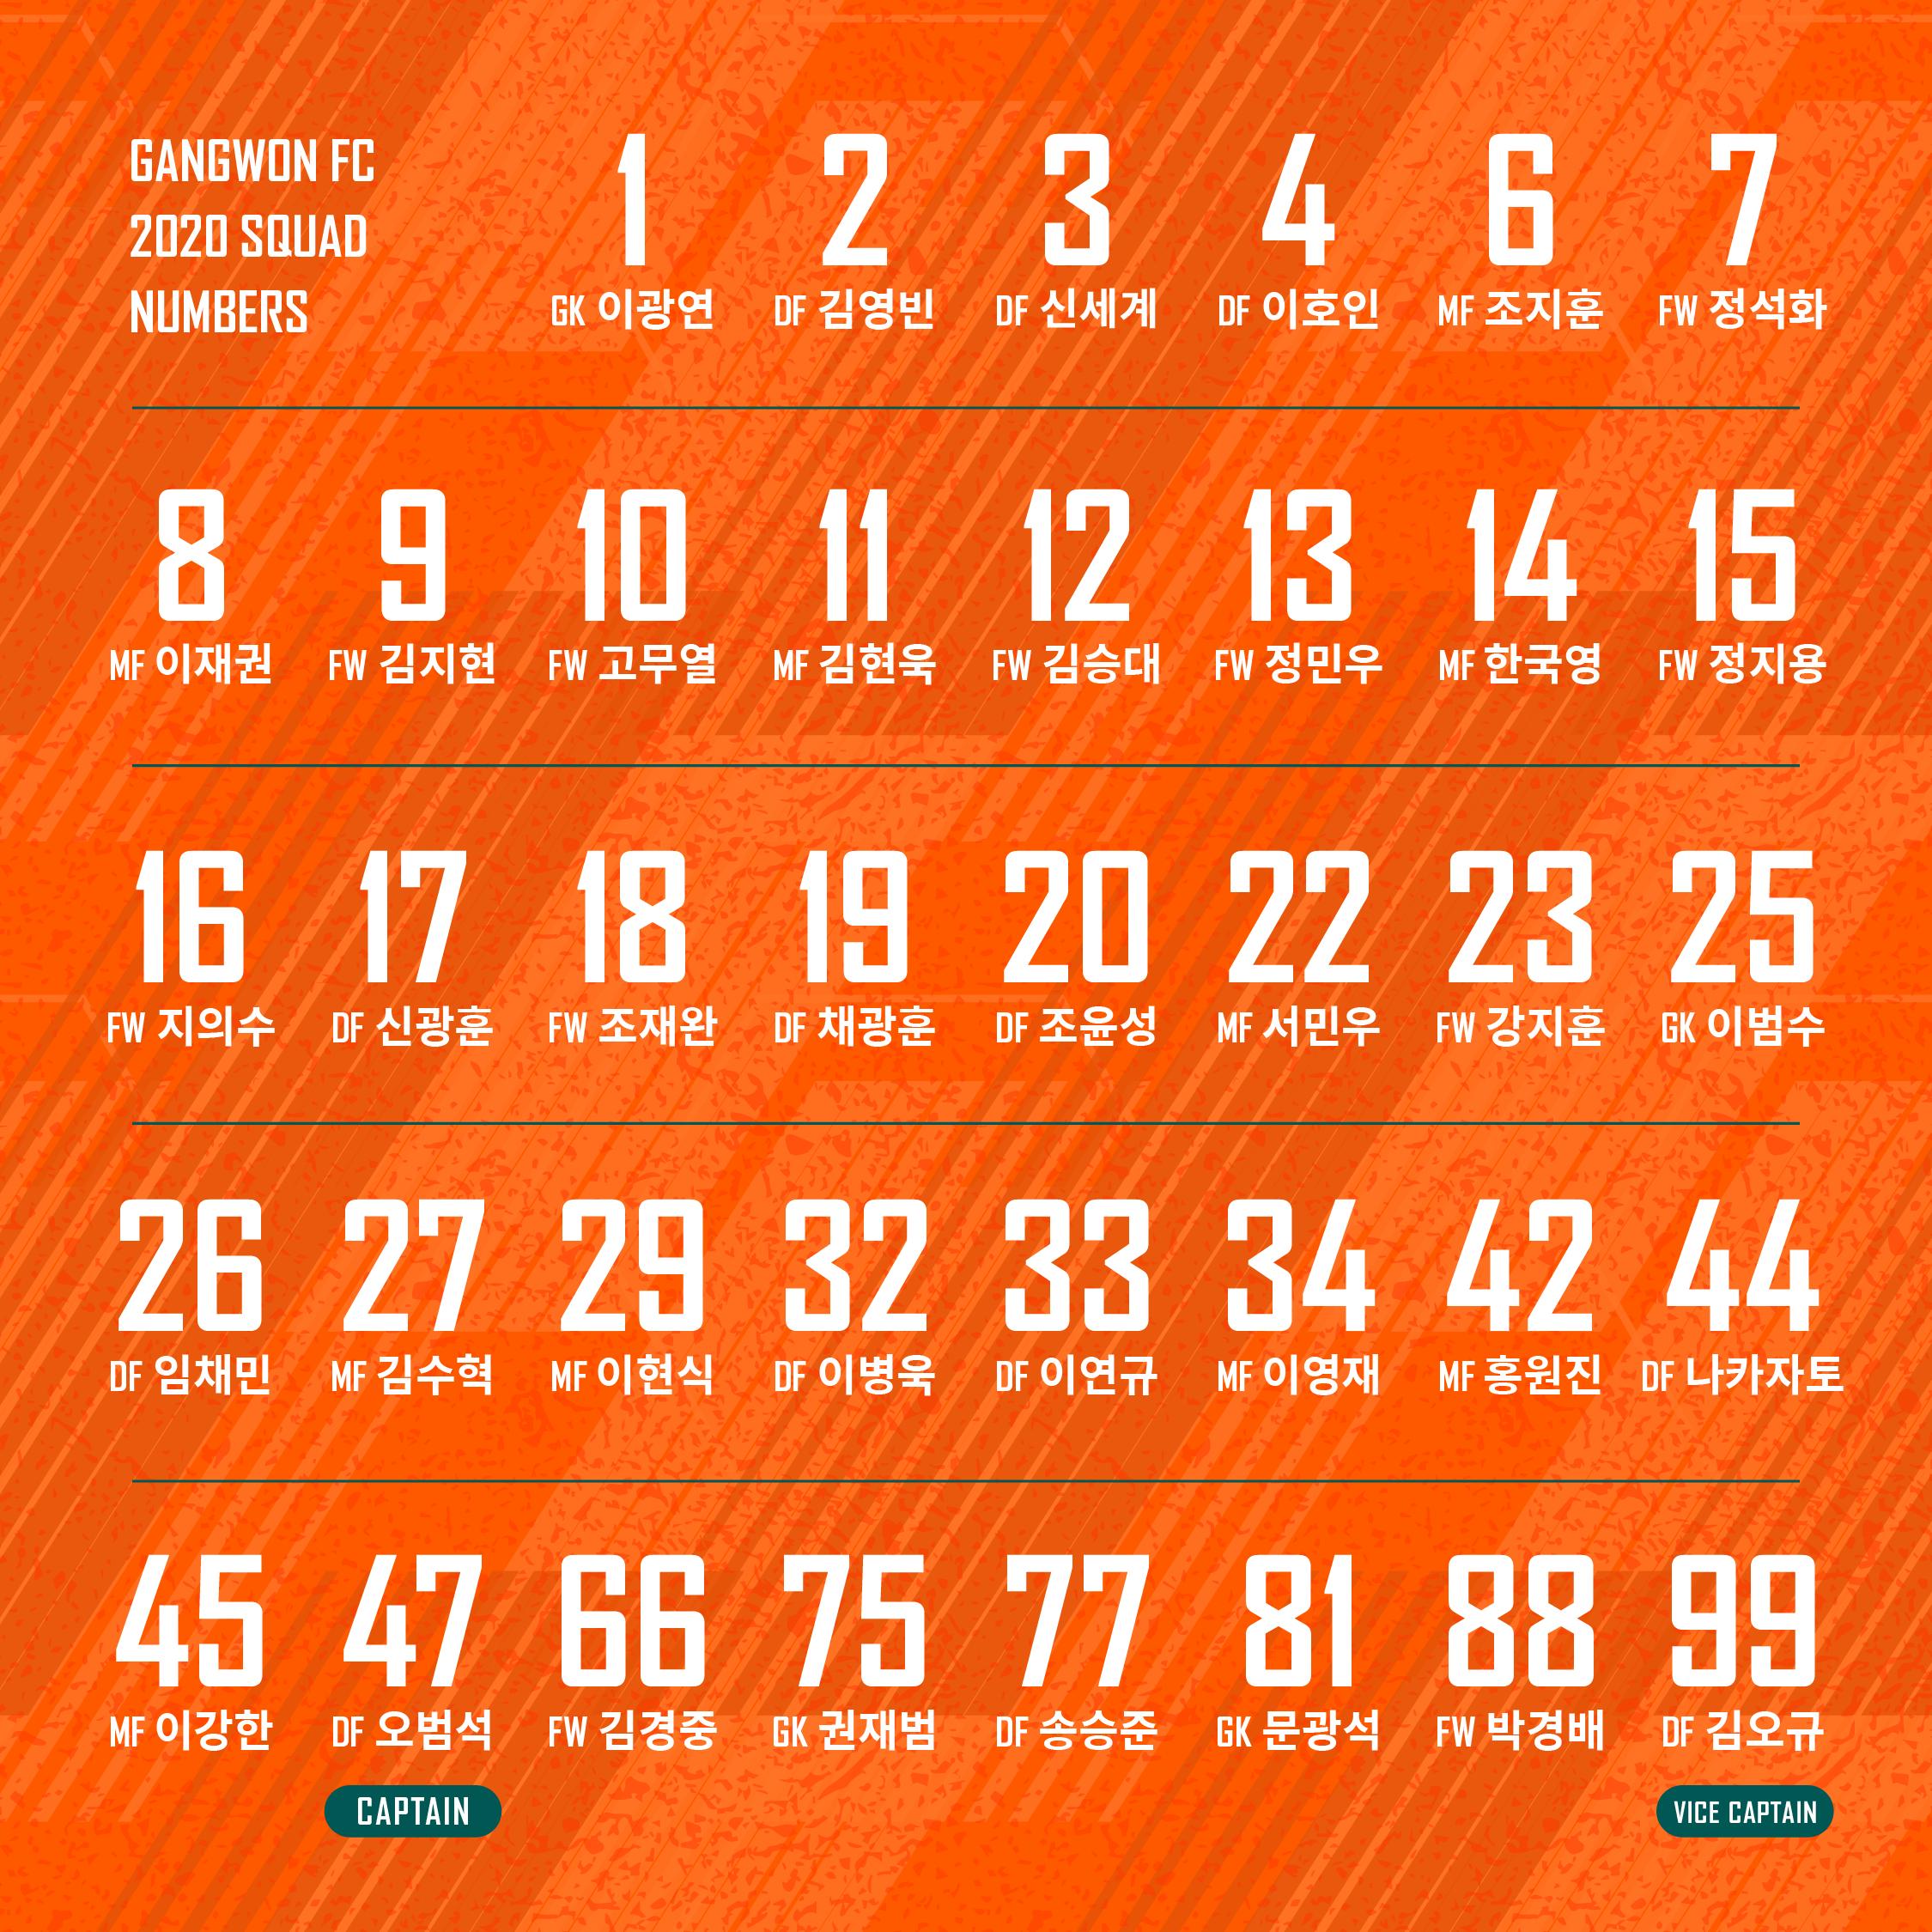 강원FC 2020 시즌 선수단 등번호 확정